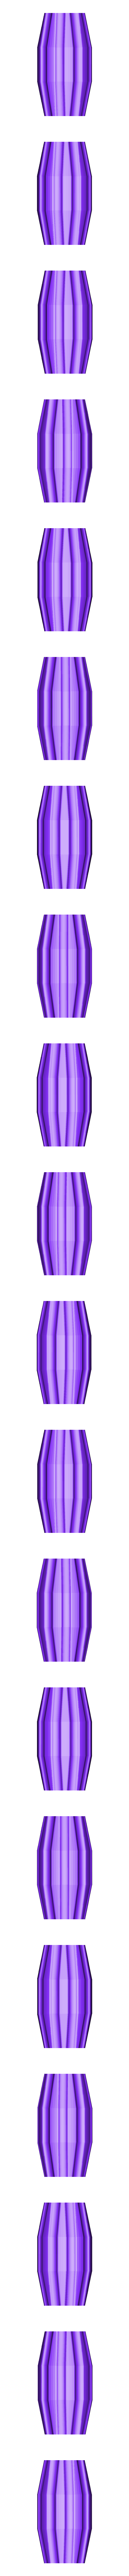 pivot_knob2.STL Télécharger fichier STL gratuit Exacto coupeur de grands cercles • Modèle pour impression 3D, cristcost